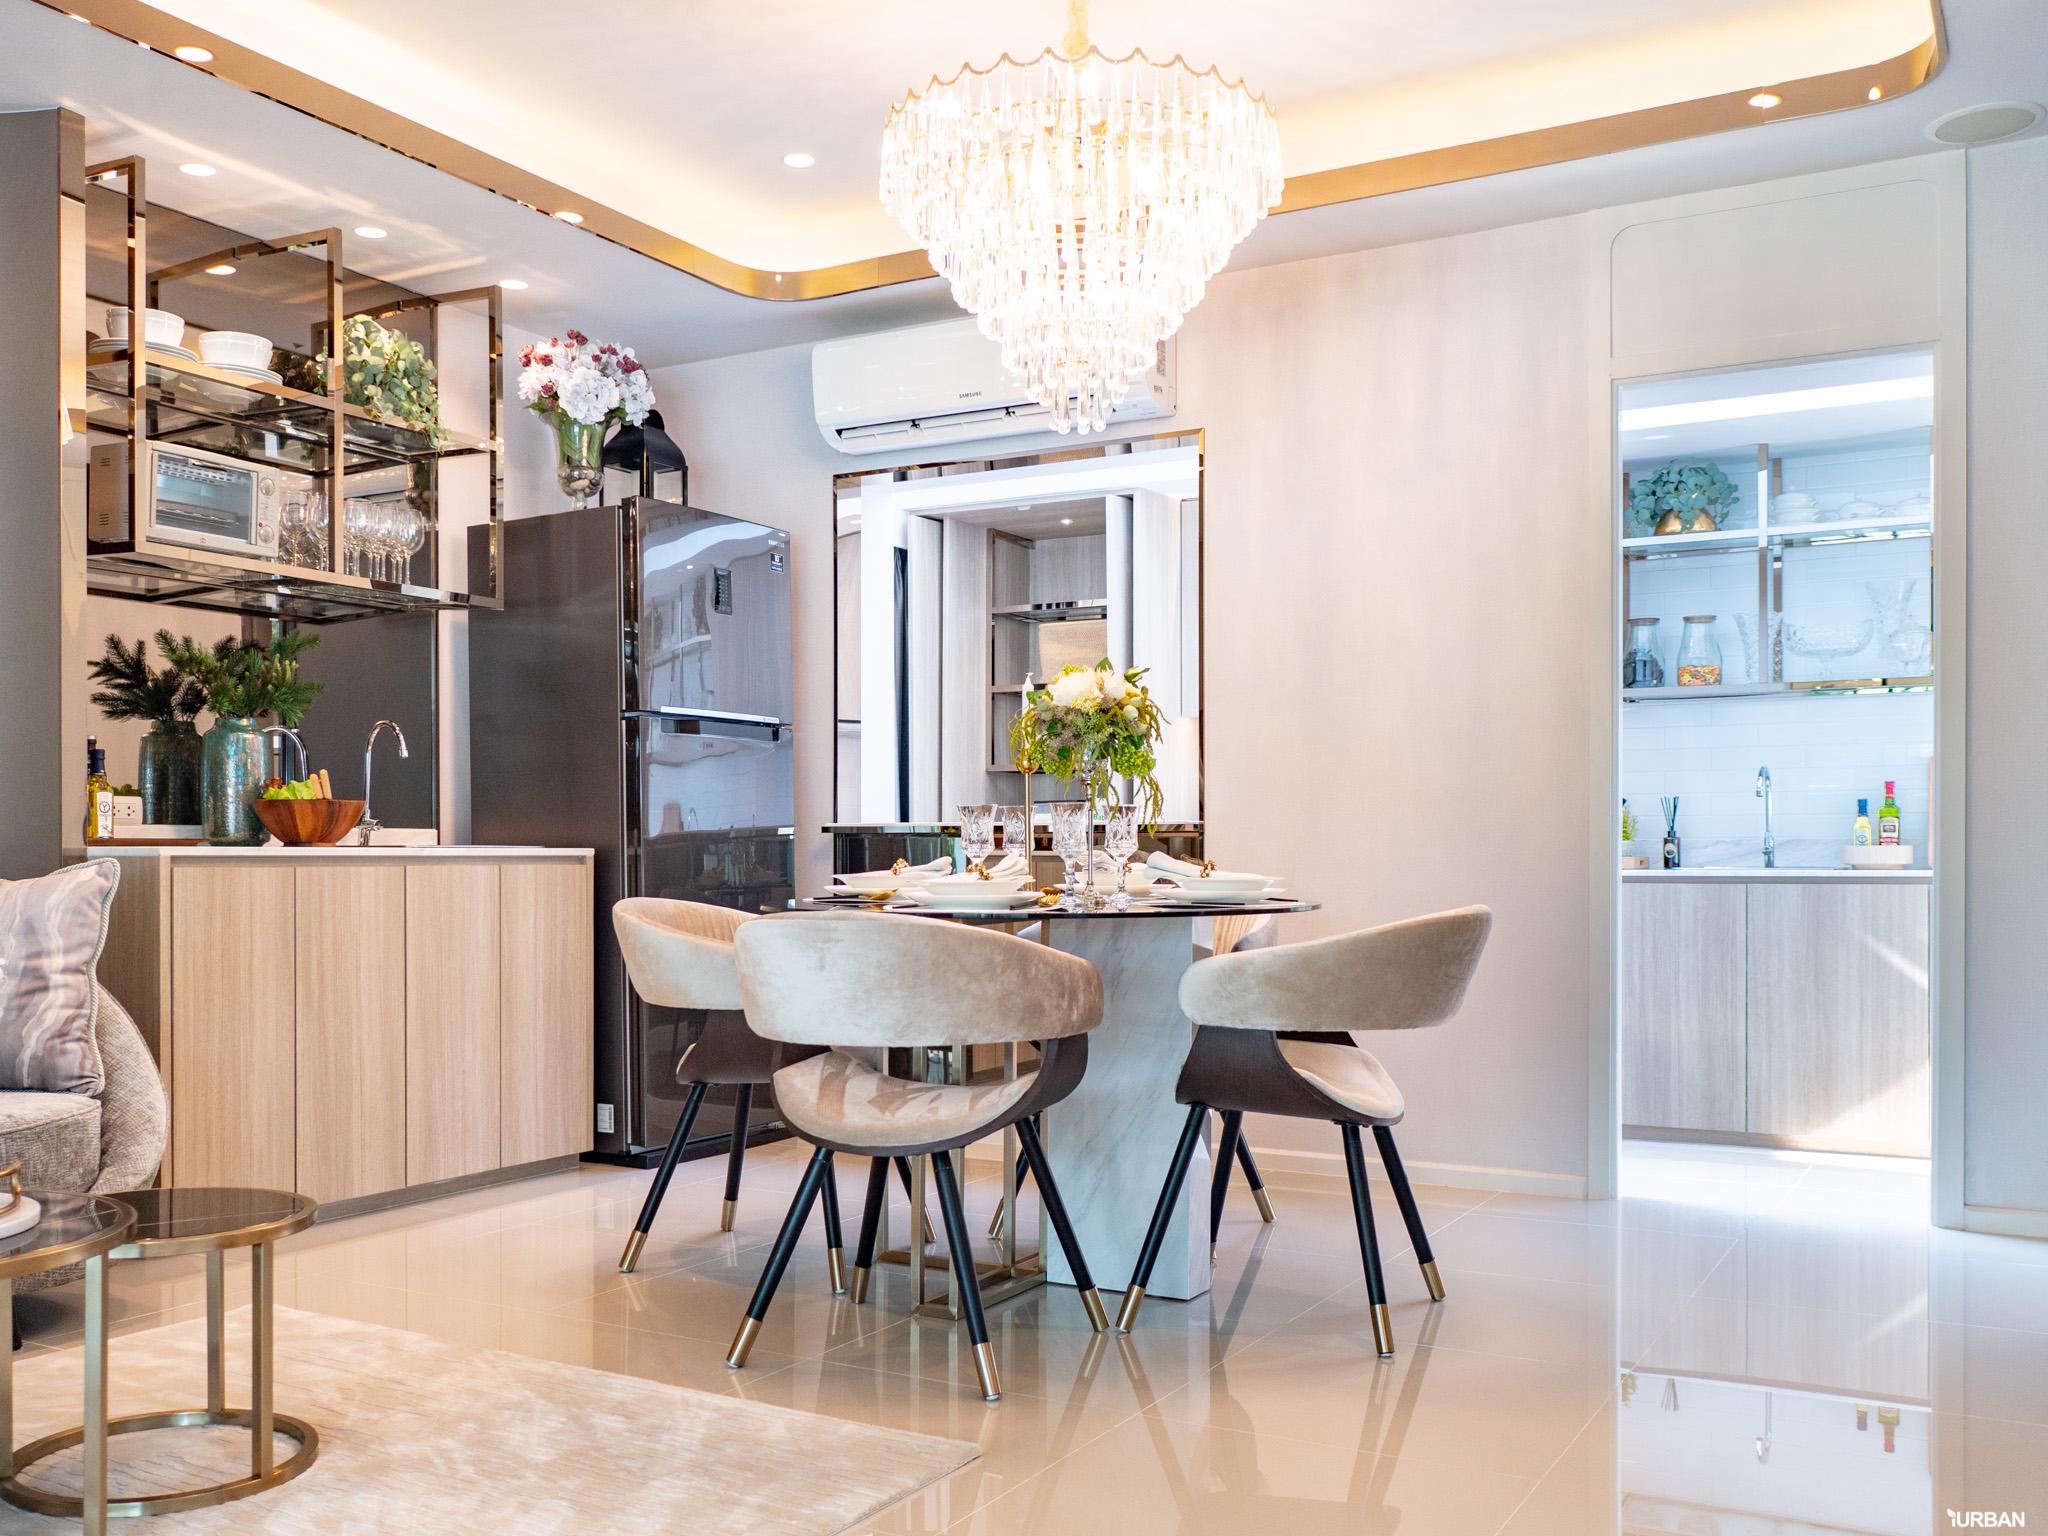 รีวิว Grande Pleno ราชพฤกษ์ บ้านทาวน์โฮมไซส์พอดี ทำเลดี ส่วนกลางดี ราคาก็ดี พอดีไปหมด 22 - AP (Thailand) - เอพี (ไทยแลนด์)